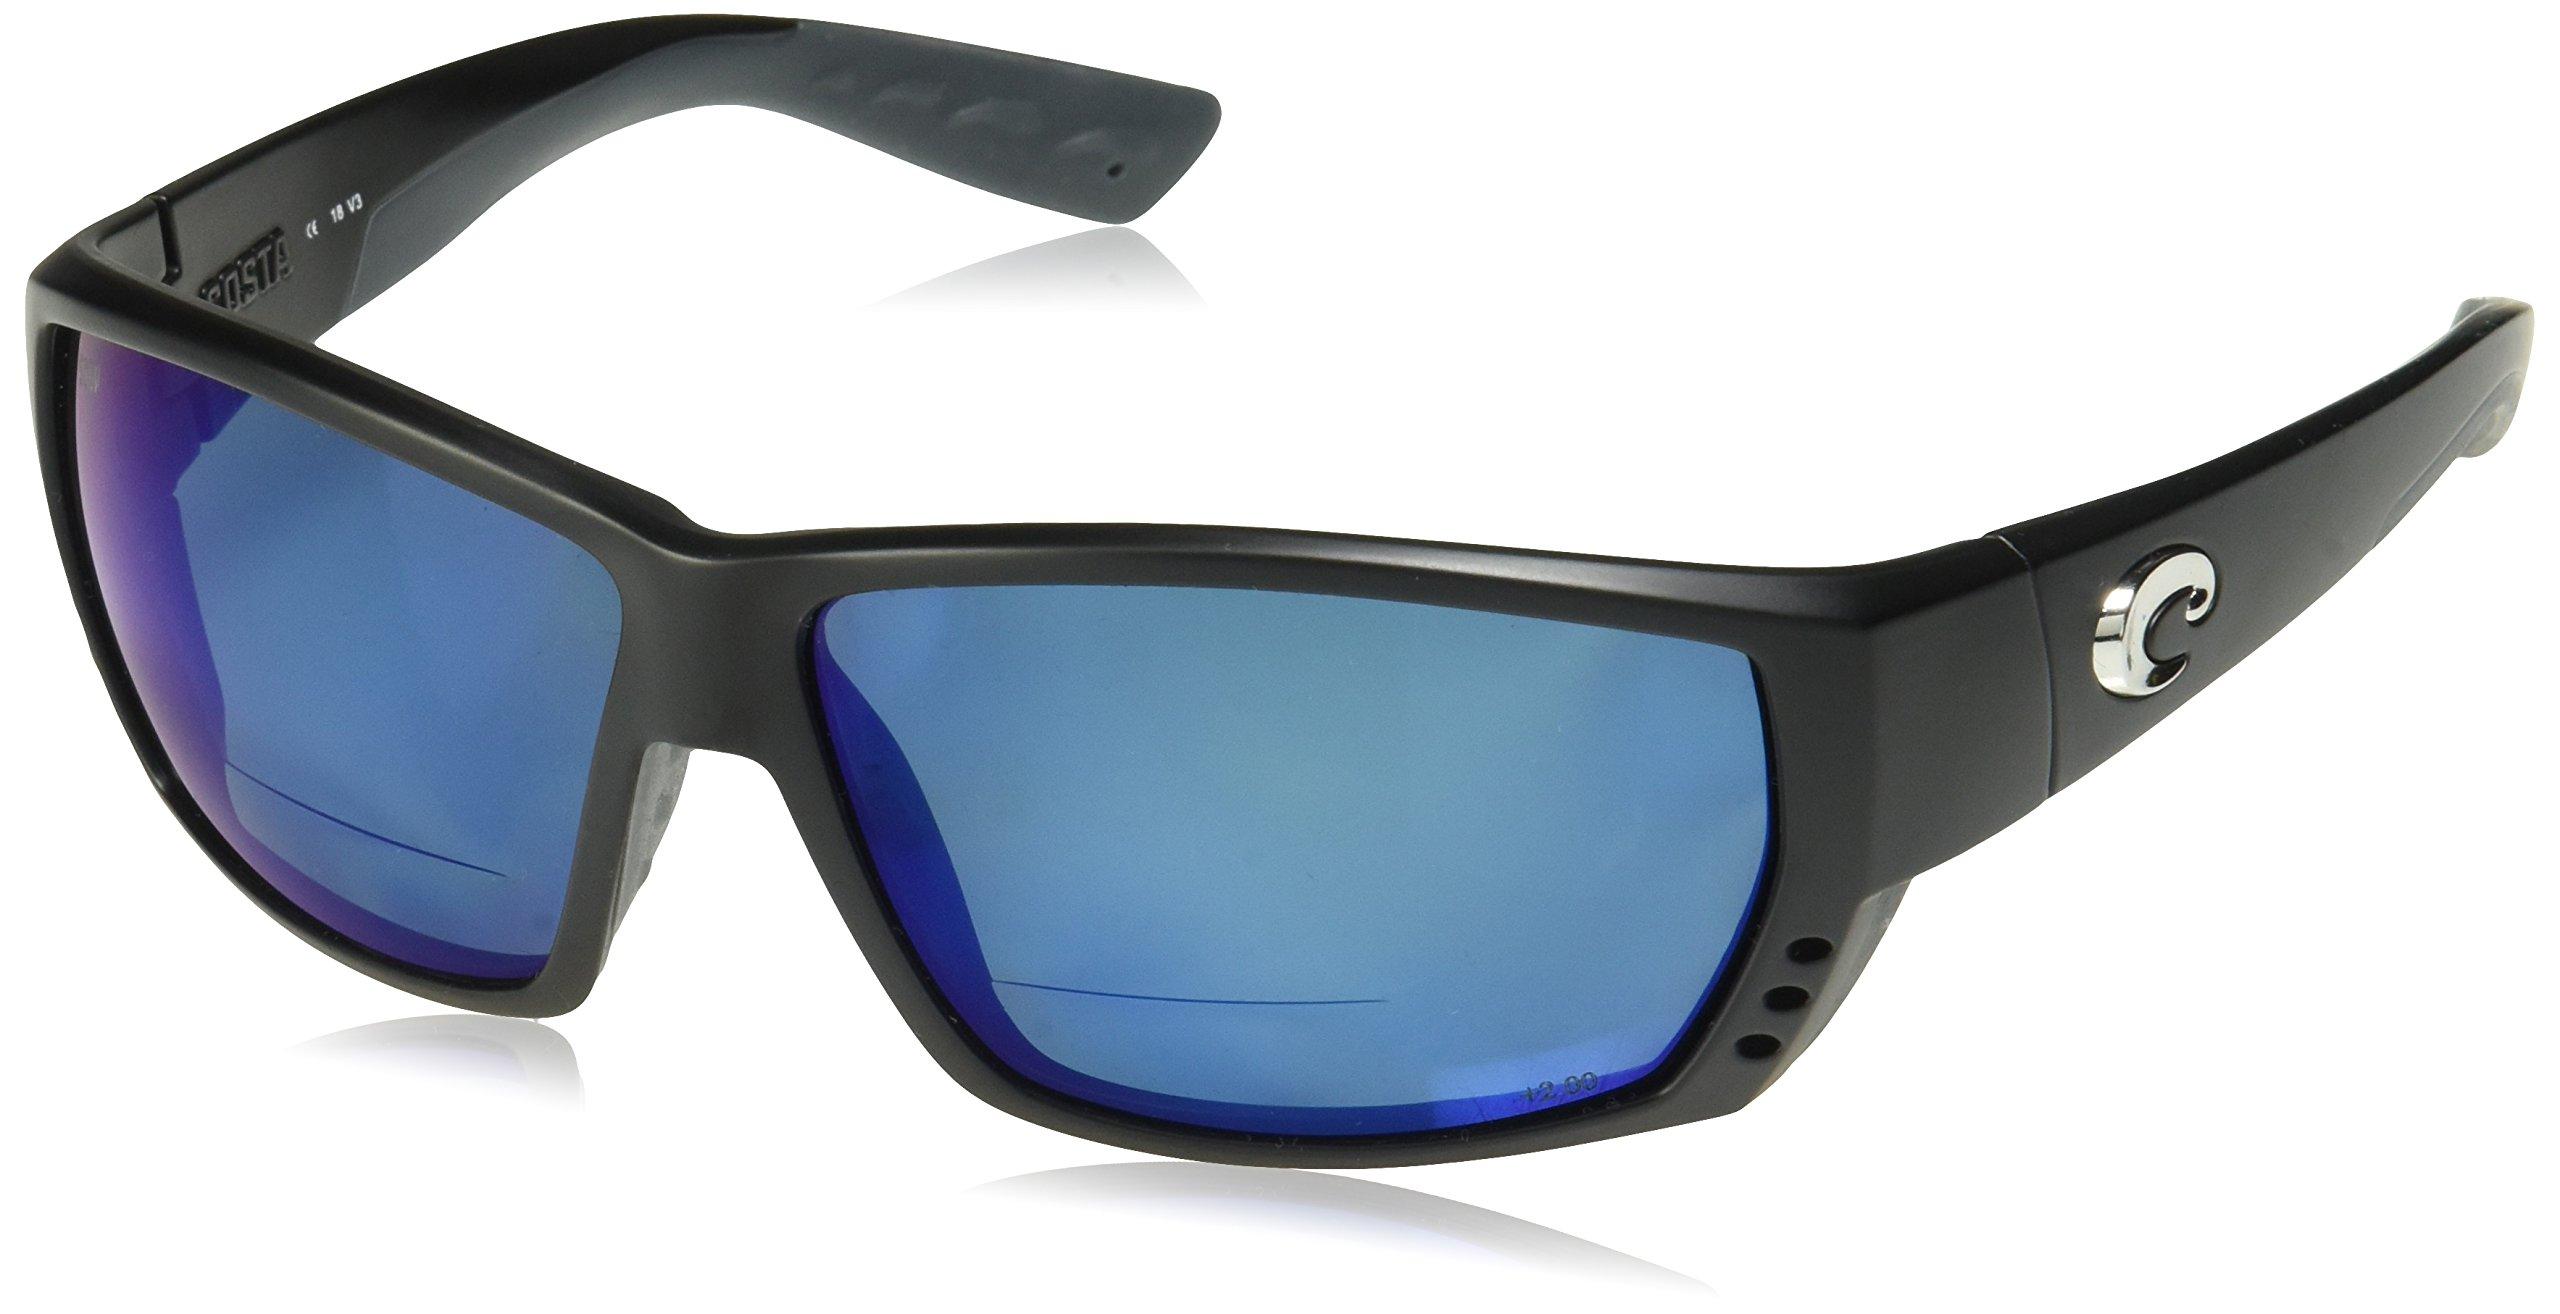 Costa Del Mar Tuna Alley C-Mate 1.50 Sunglasses, Matte Black, Blue Mirror 580P Lens by Costa Del Mar